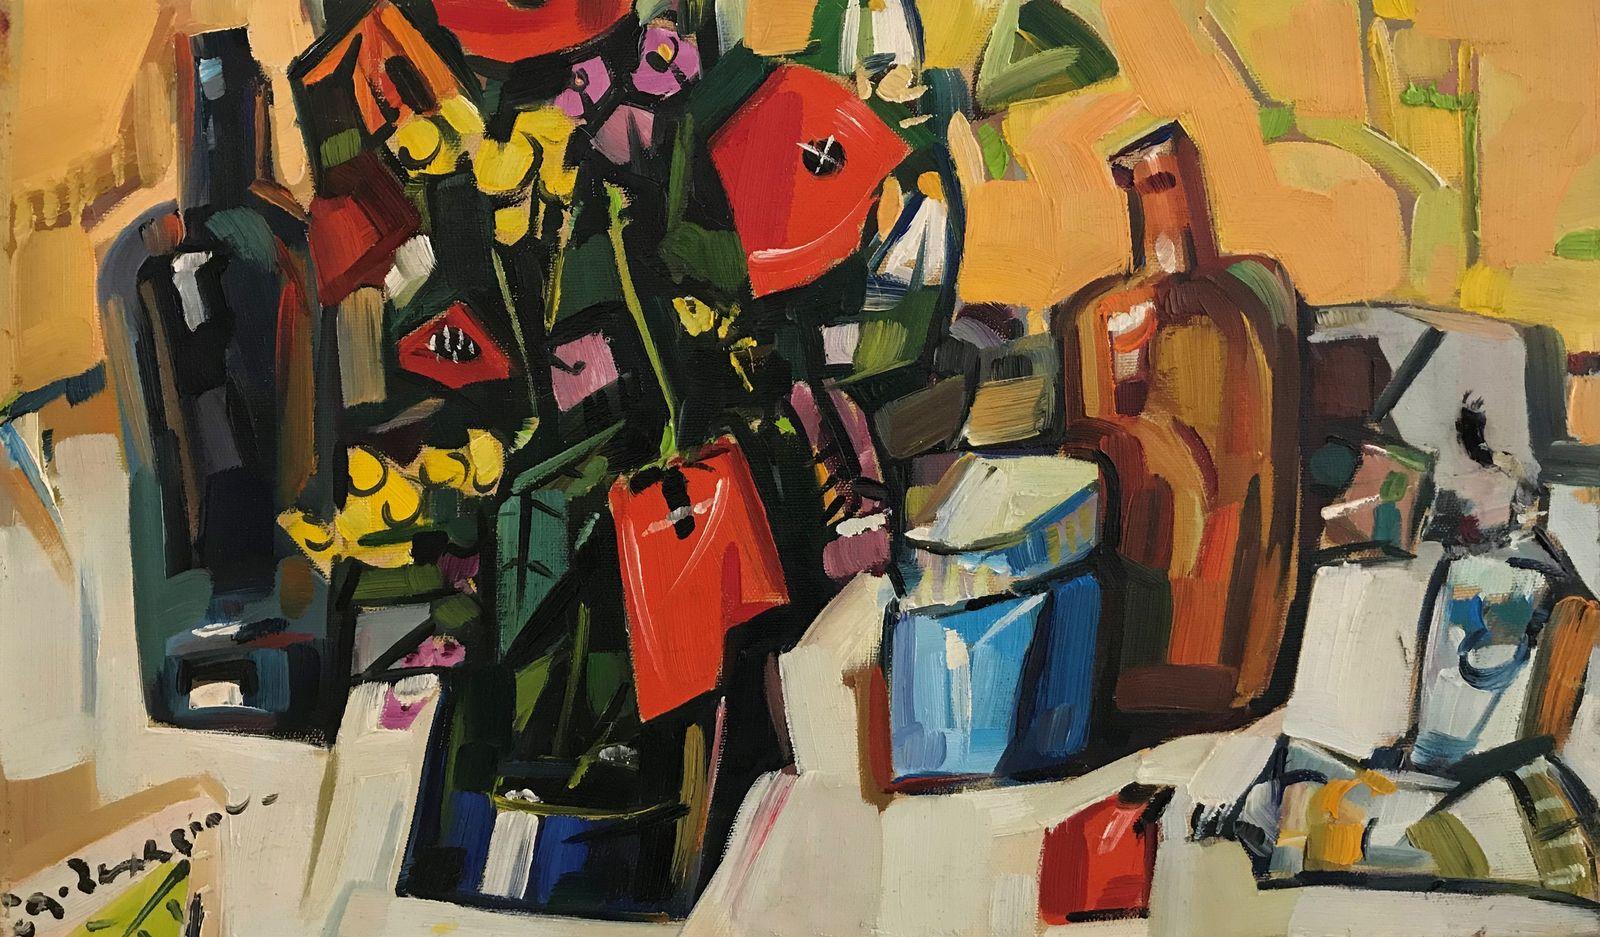 Θανάσης Ζαχαρίου 30×50 Λάδια σε καμβά Thanassis Zachariou 30×50 cm Oils on canvas